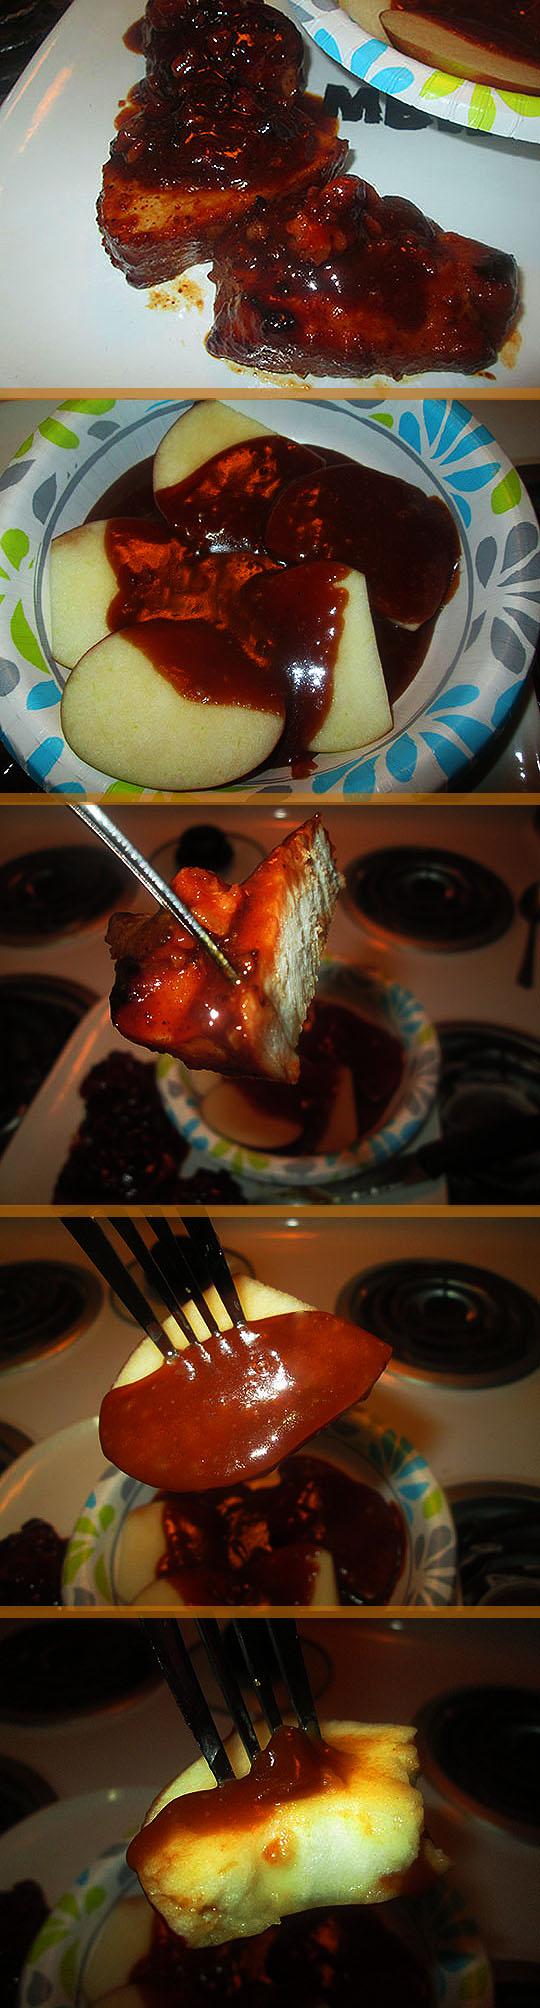 13. eatingmeal_6-27-18.jpg